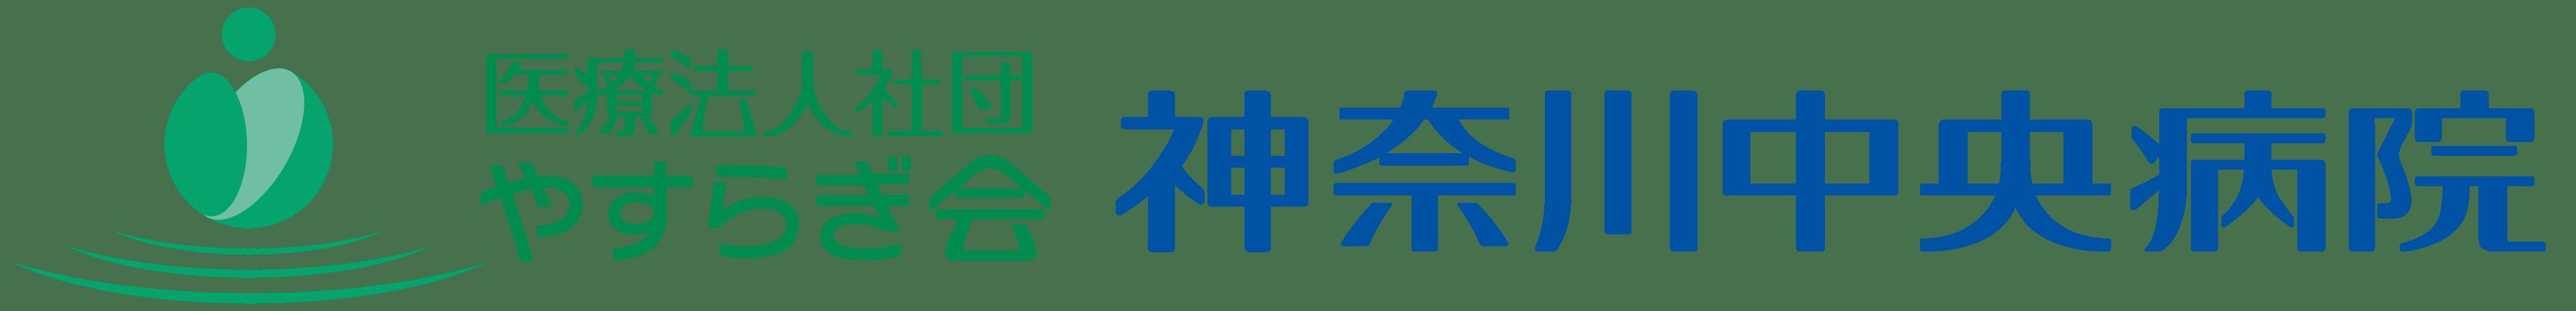 医療法人社団やすらぎ会 神奈川中央病院